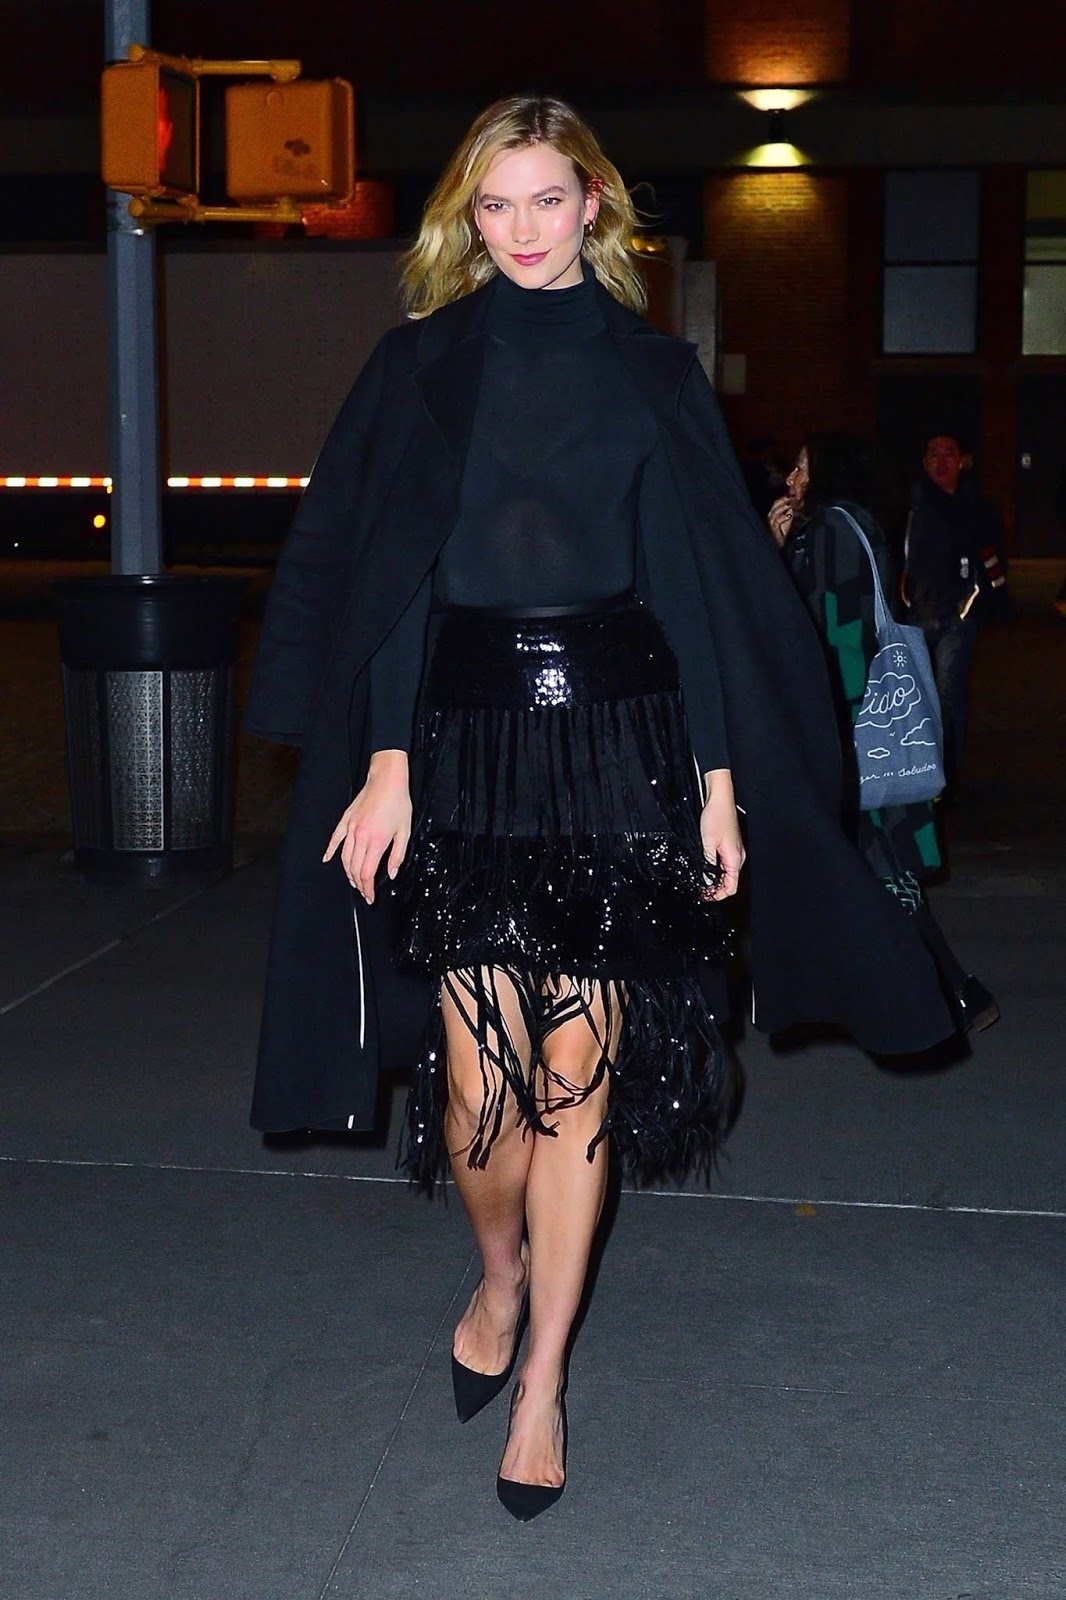 Karlie Kloss - Diane Von Furstenberg throws fashion party during NYFW in NYC - 02/10/2019